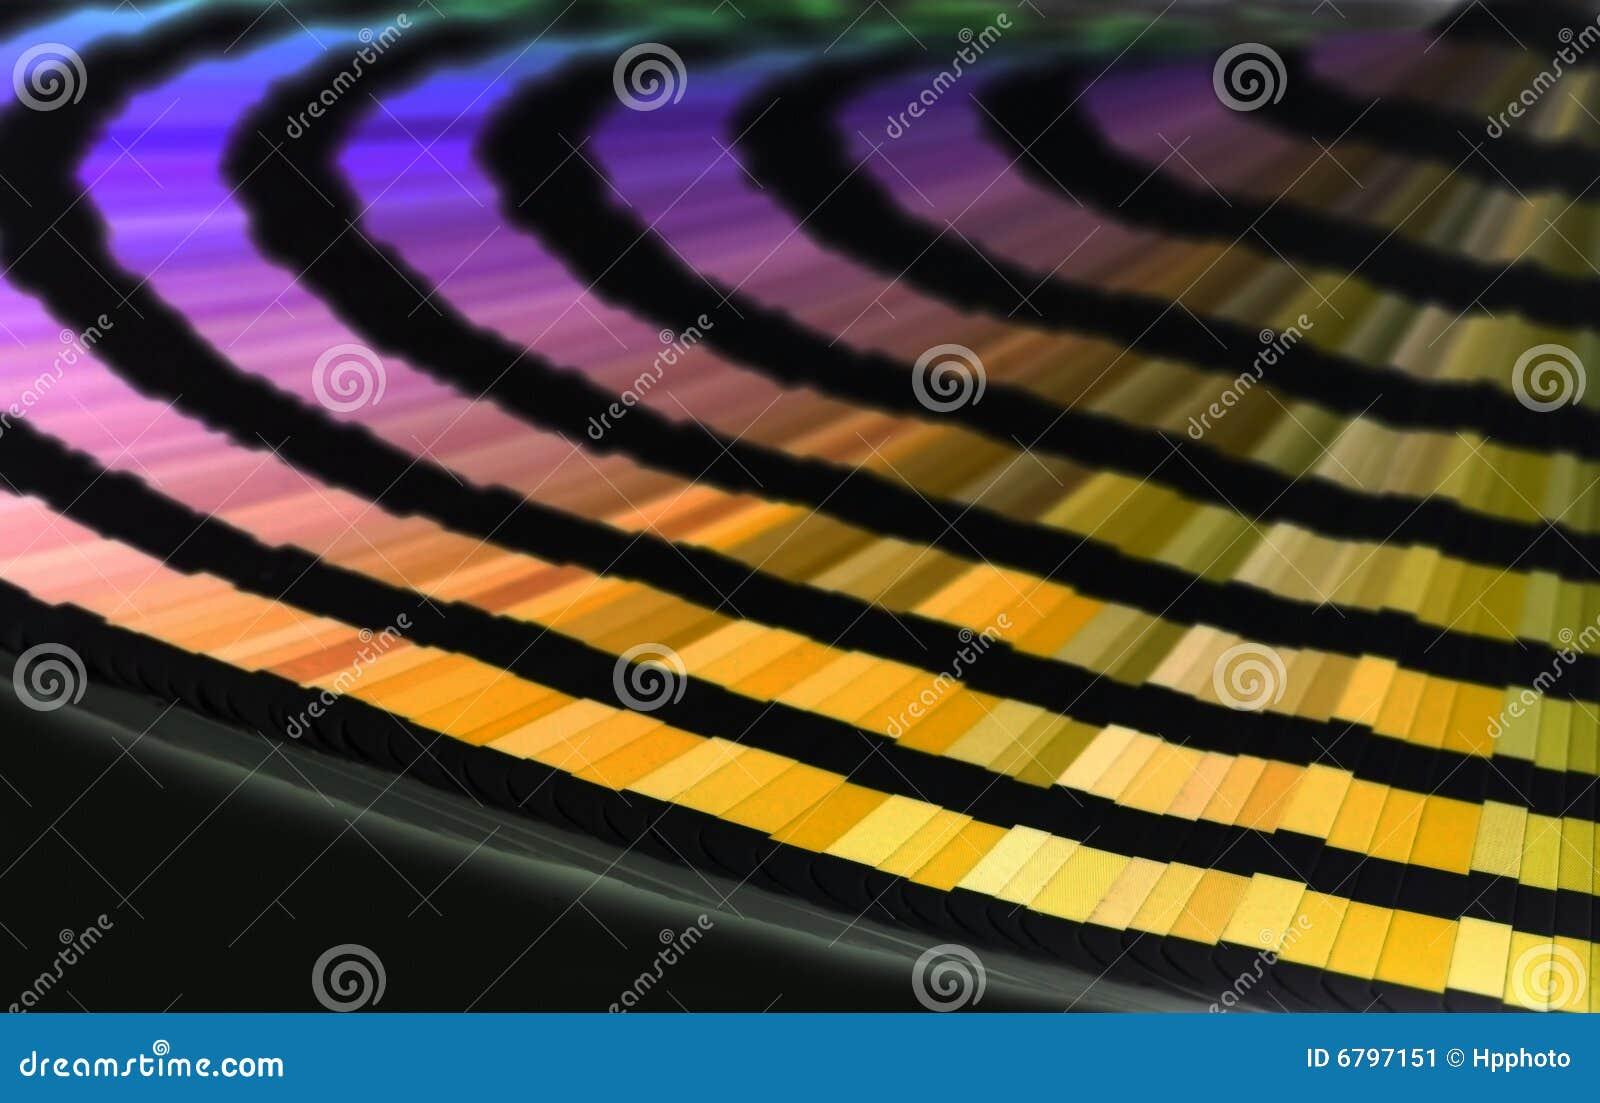 γραμμές χρώματος